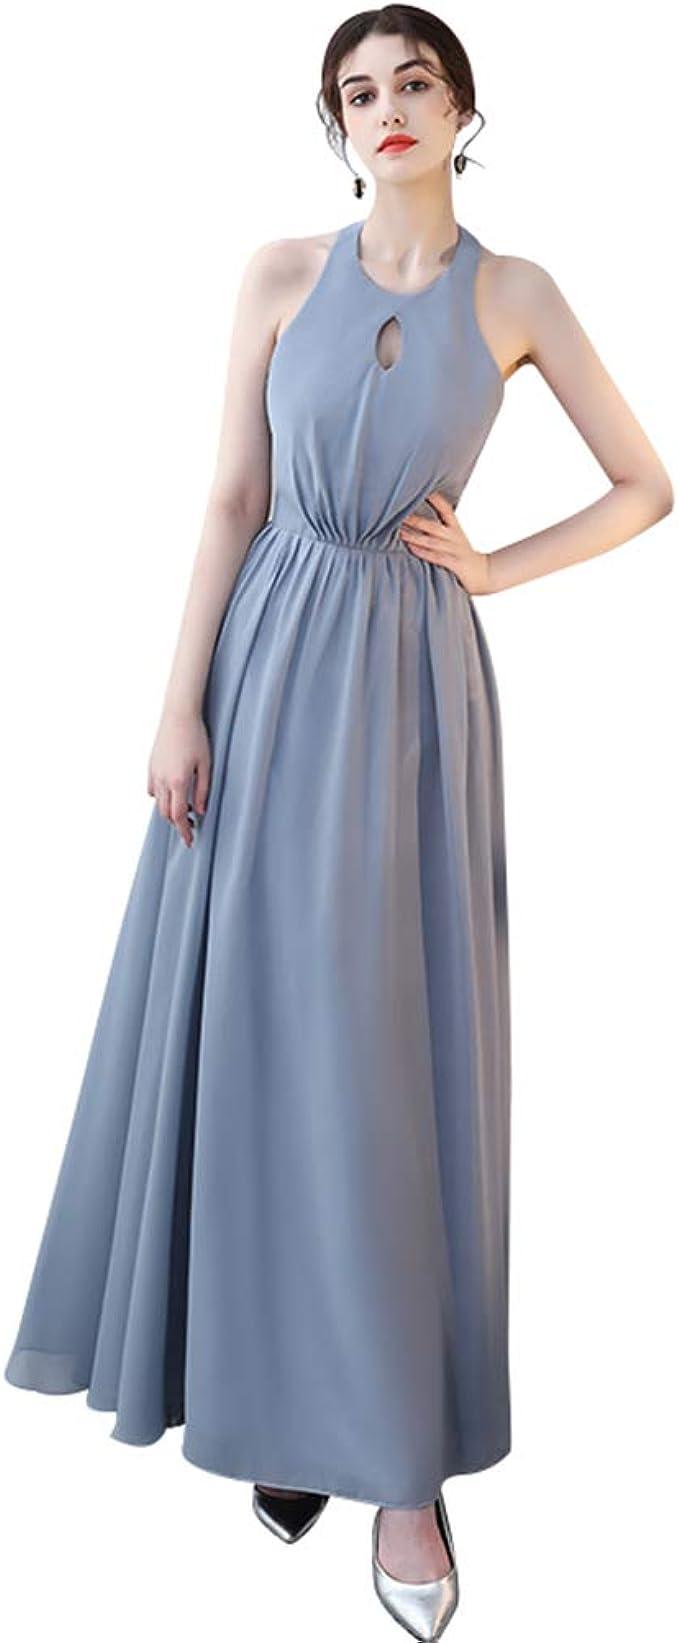 Hochzeit Brautjungfer Kleid Grau Blau Langes Abendkleid Ailin Home Farbe Gray Blue Grosse Xxl Amazon De Bekleidung